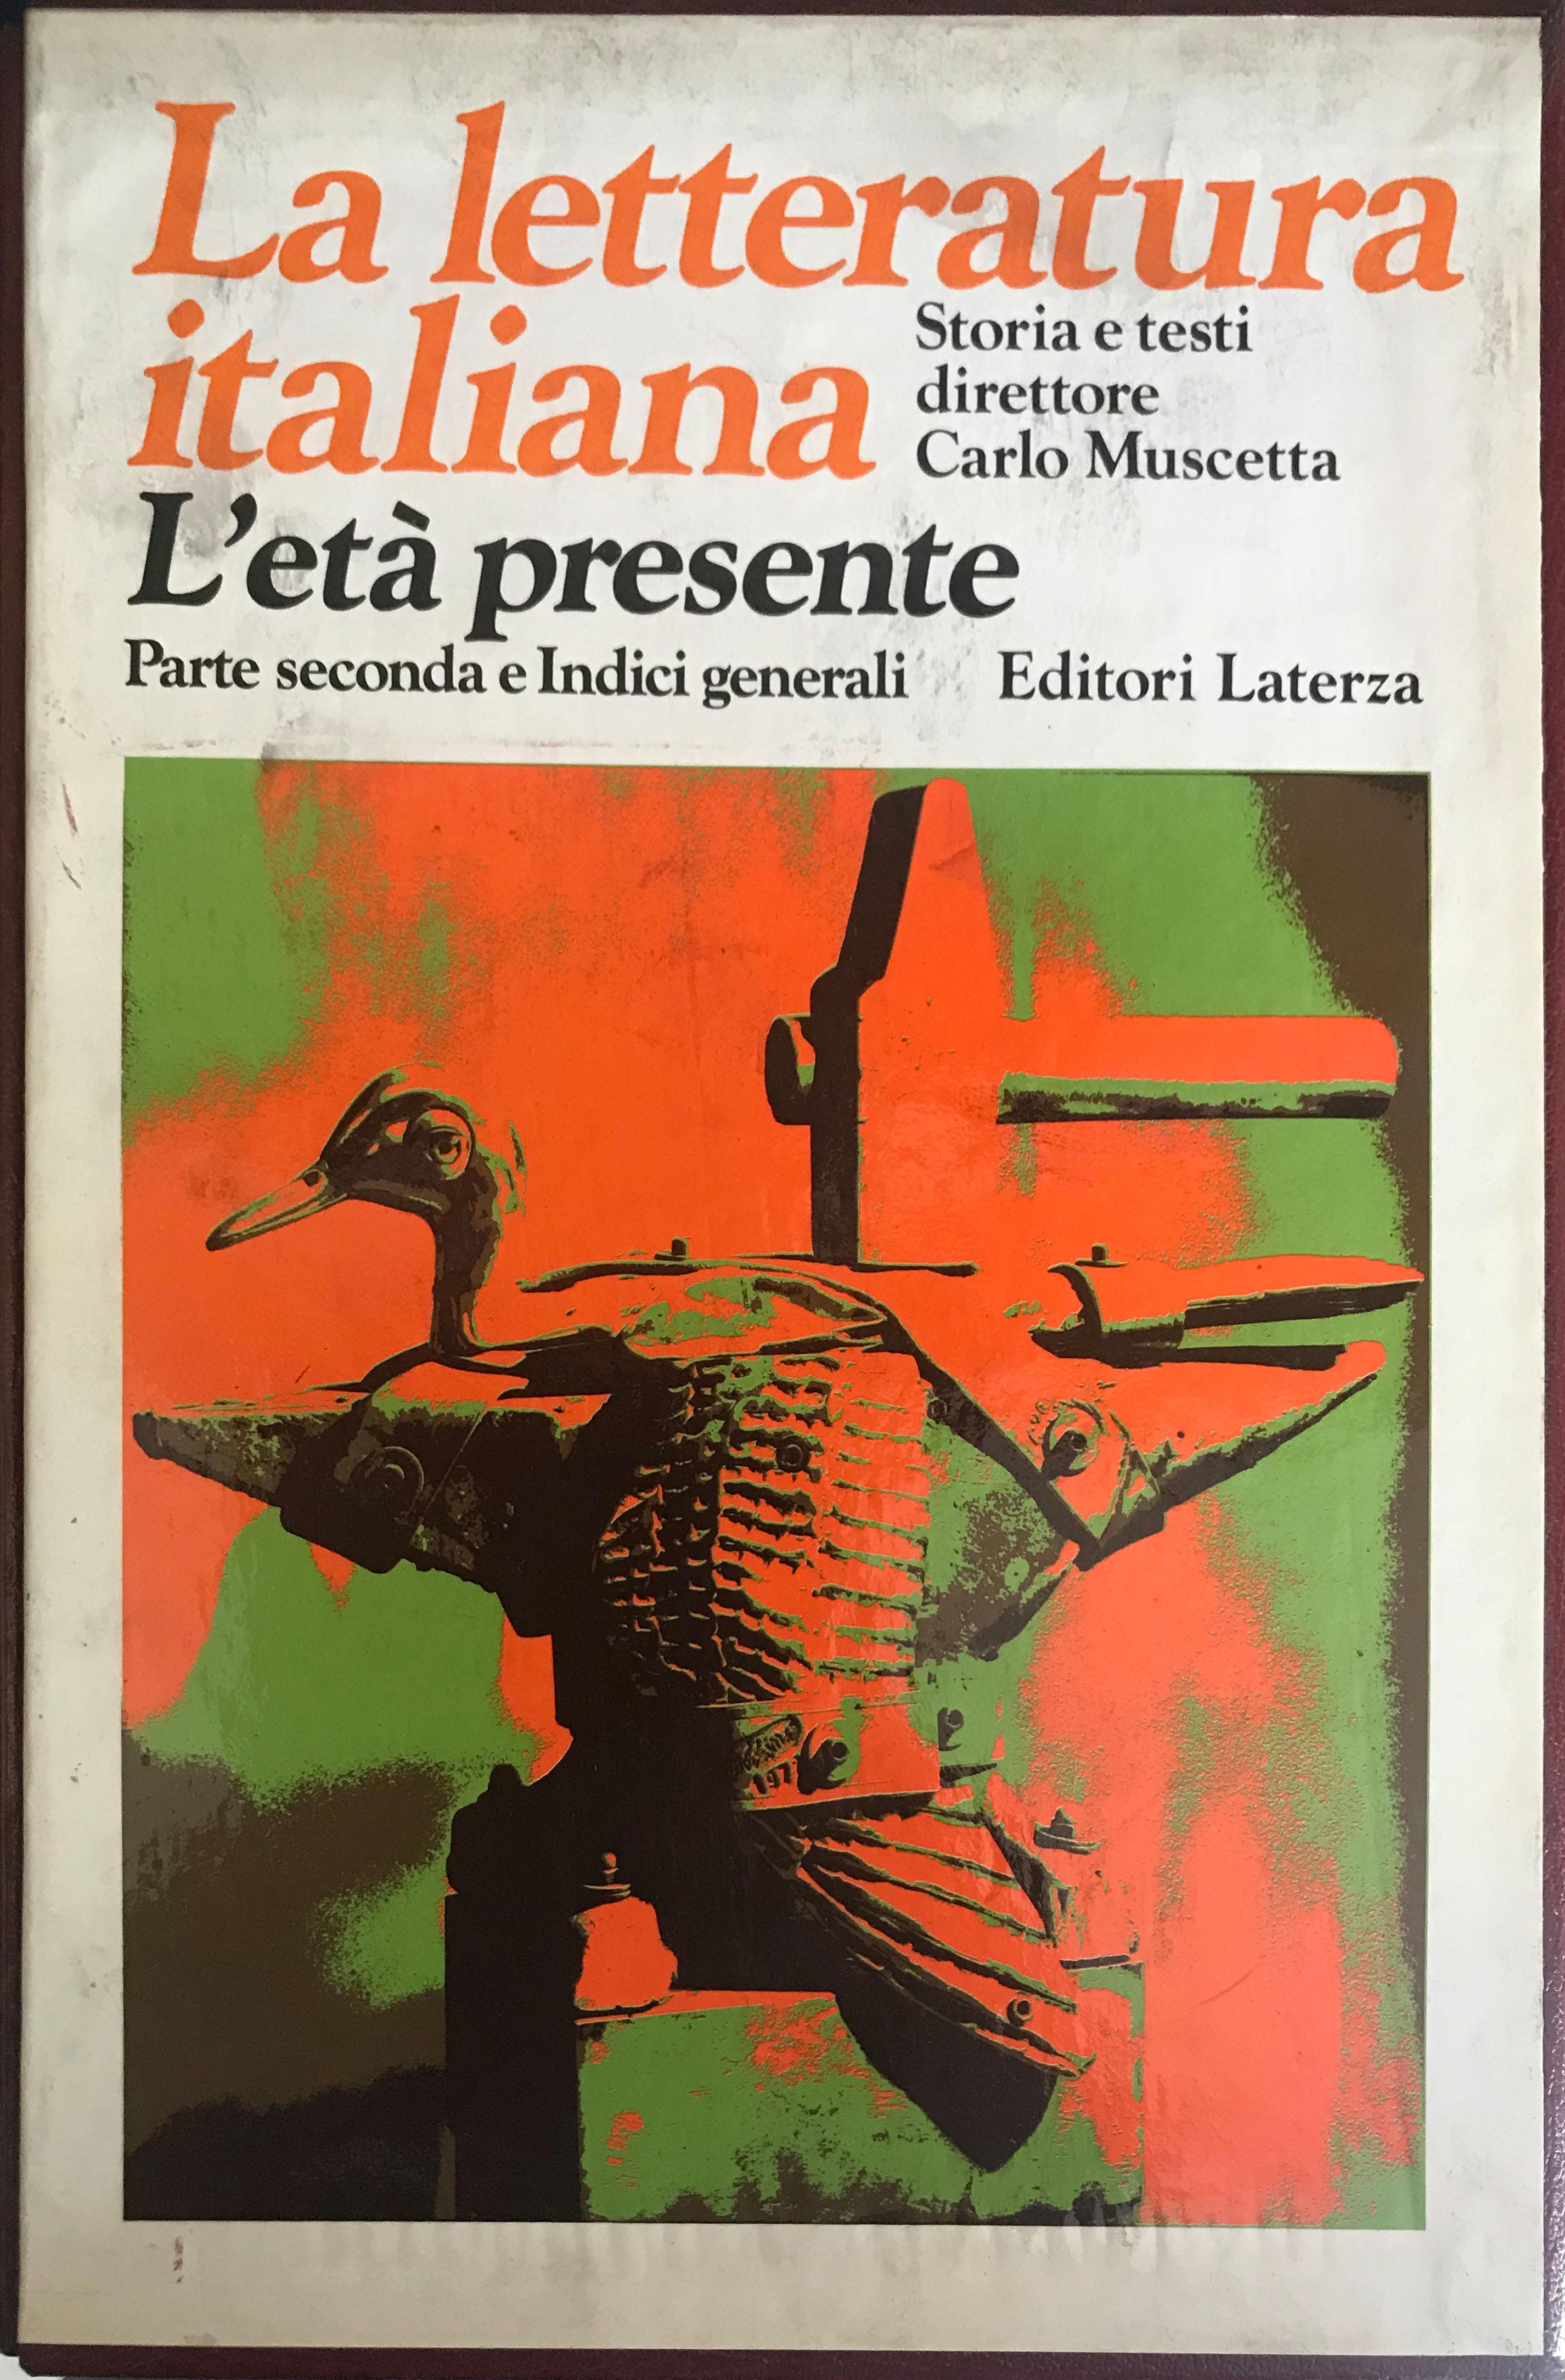 La letteratura italiana – Laterza Editore e Dizionaro generale degli autori italiani contemporanei – Vallecchi